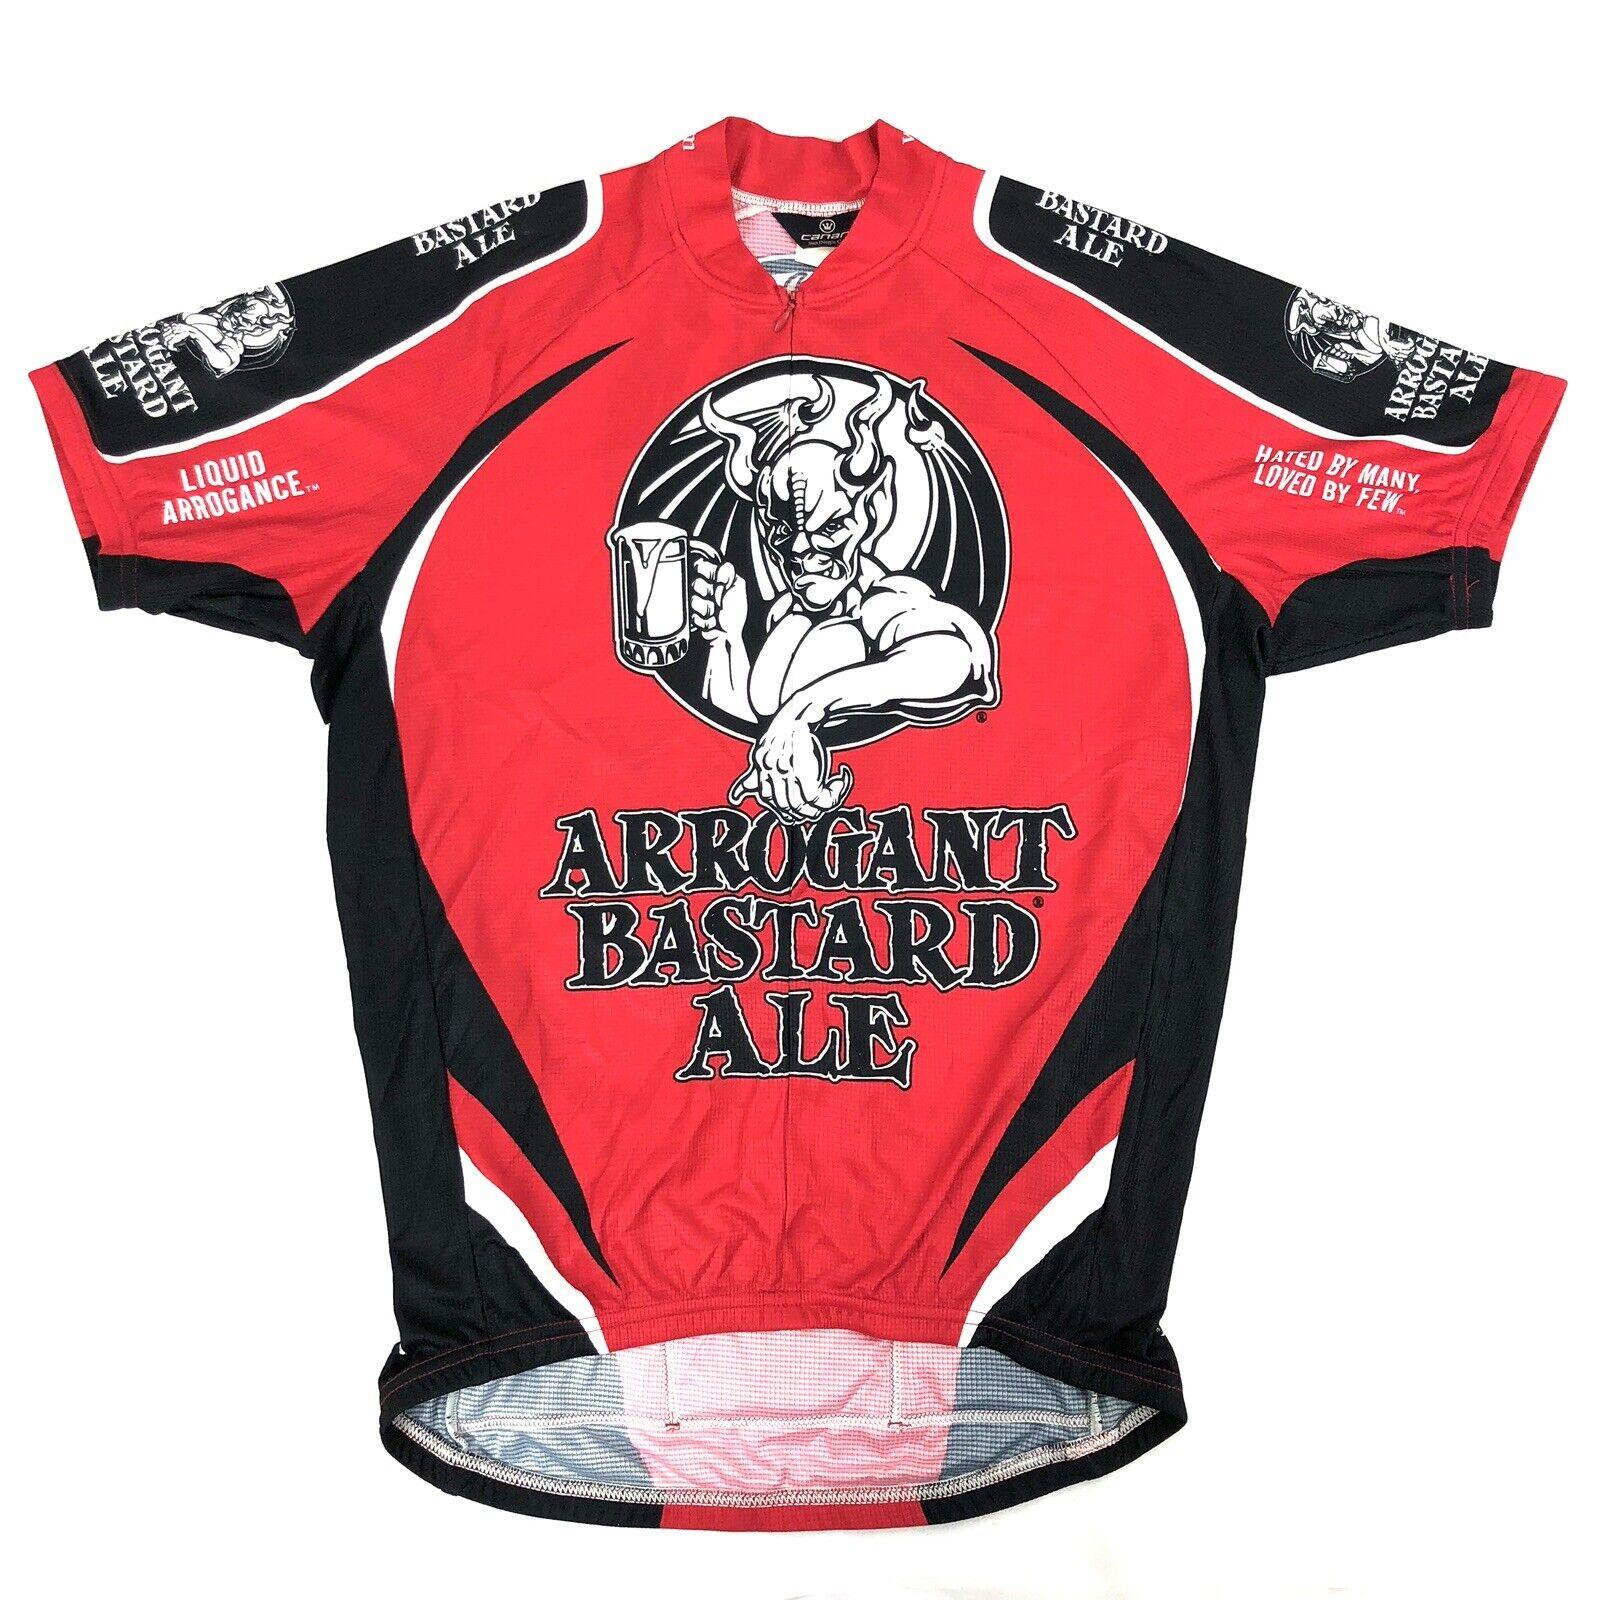 Canari Arrogant Bastard Ale Design  Mens 2 3 Zip Cycling Jersey Shirt M Medium  a lot of surprises